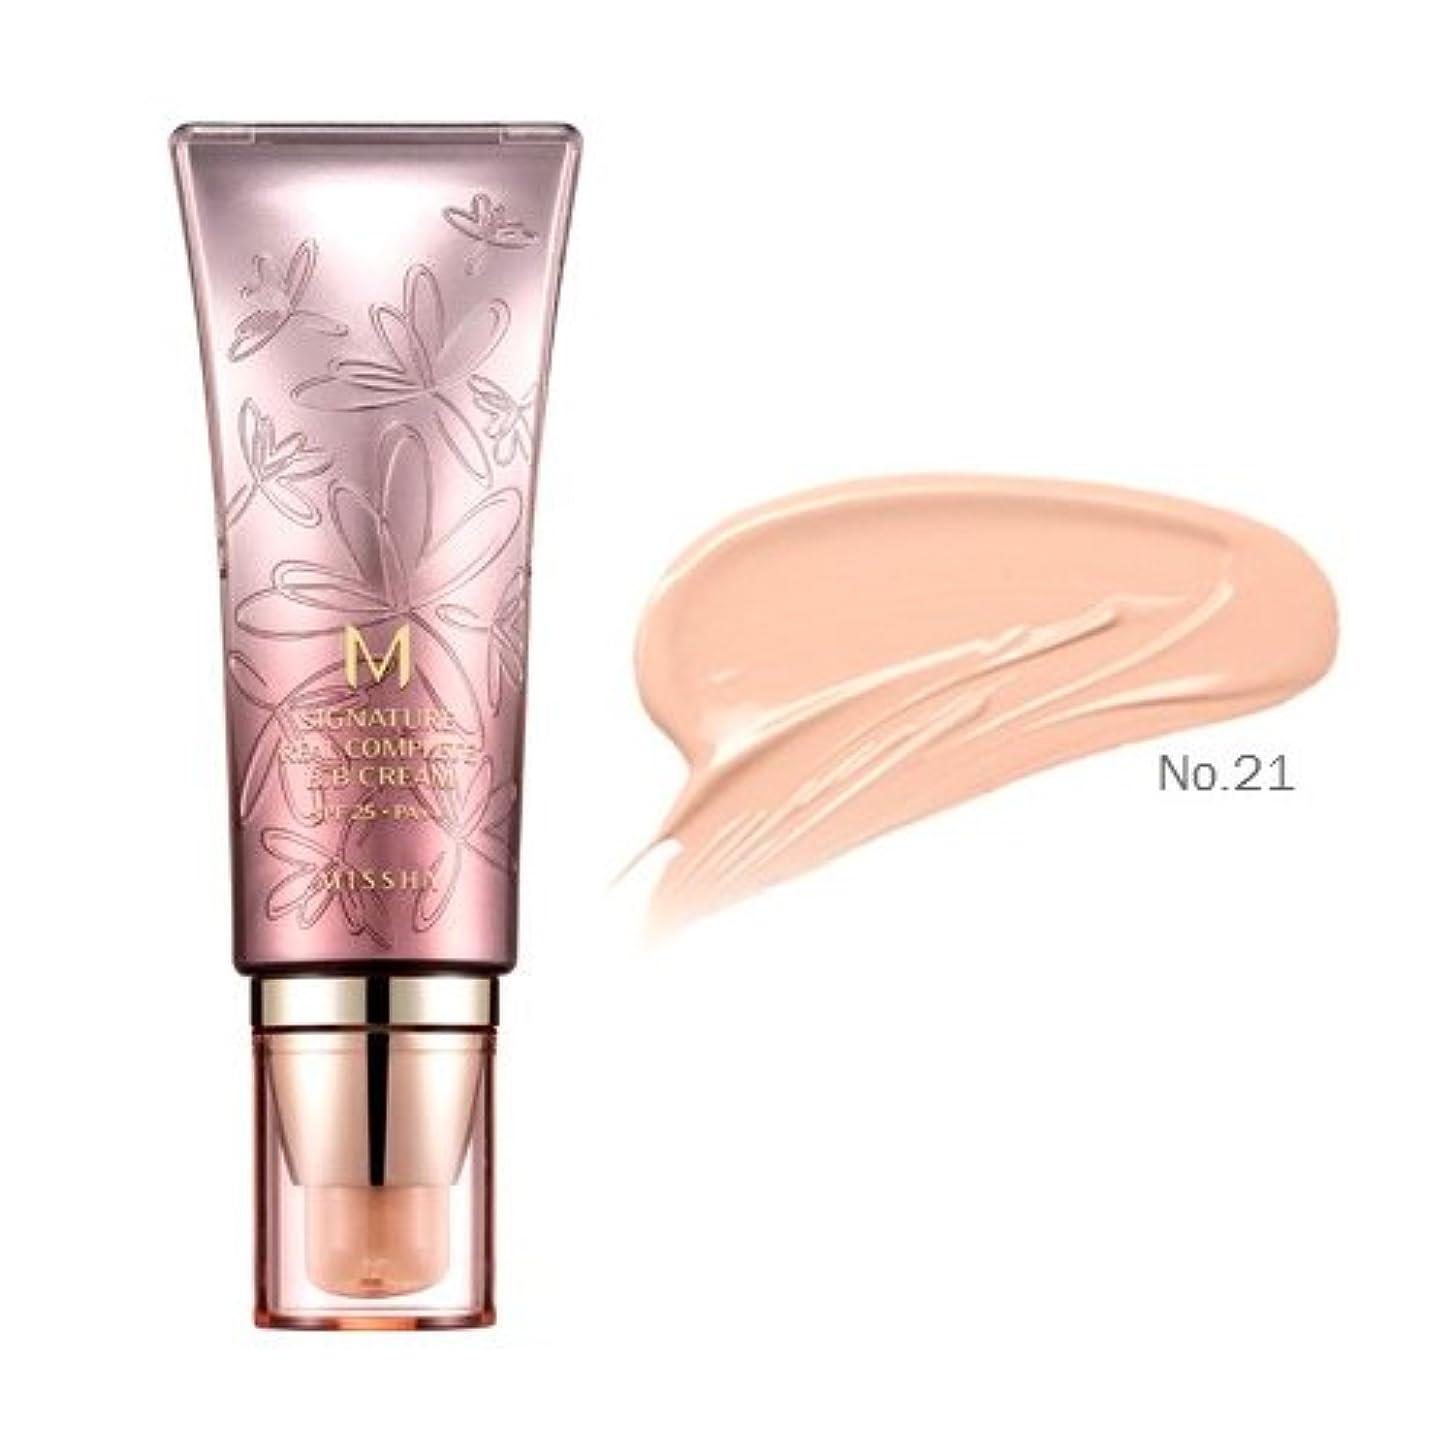 神経衰弱マイルドビデオ(3 Pack) MISSHA M Signature Real Complete B.B Cream SPF 25 PA++ No. 21 Light Pink Beige (並行輸入品)